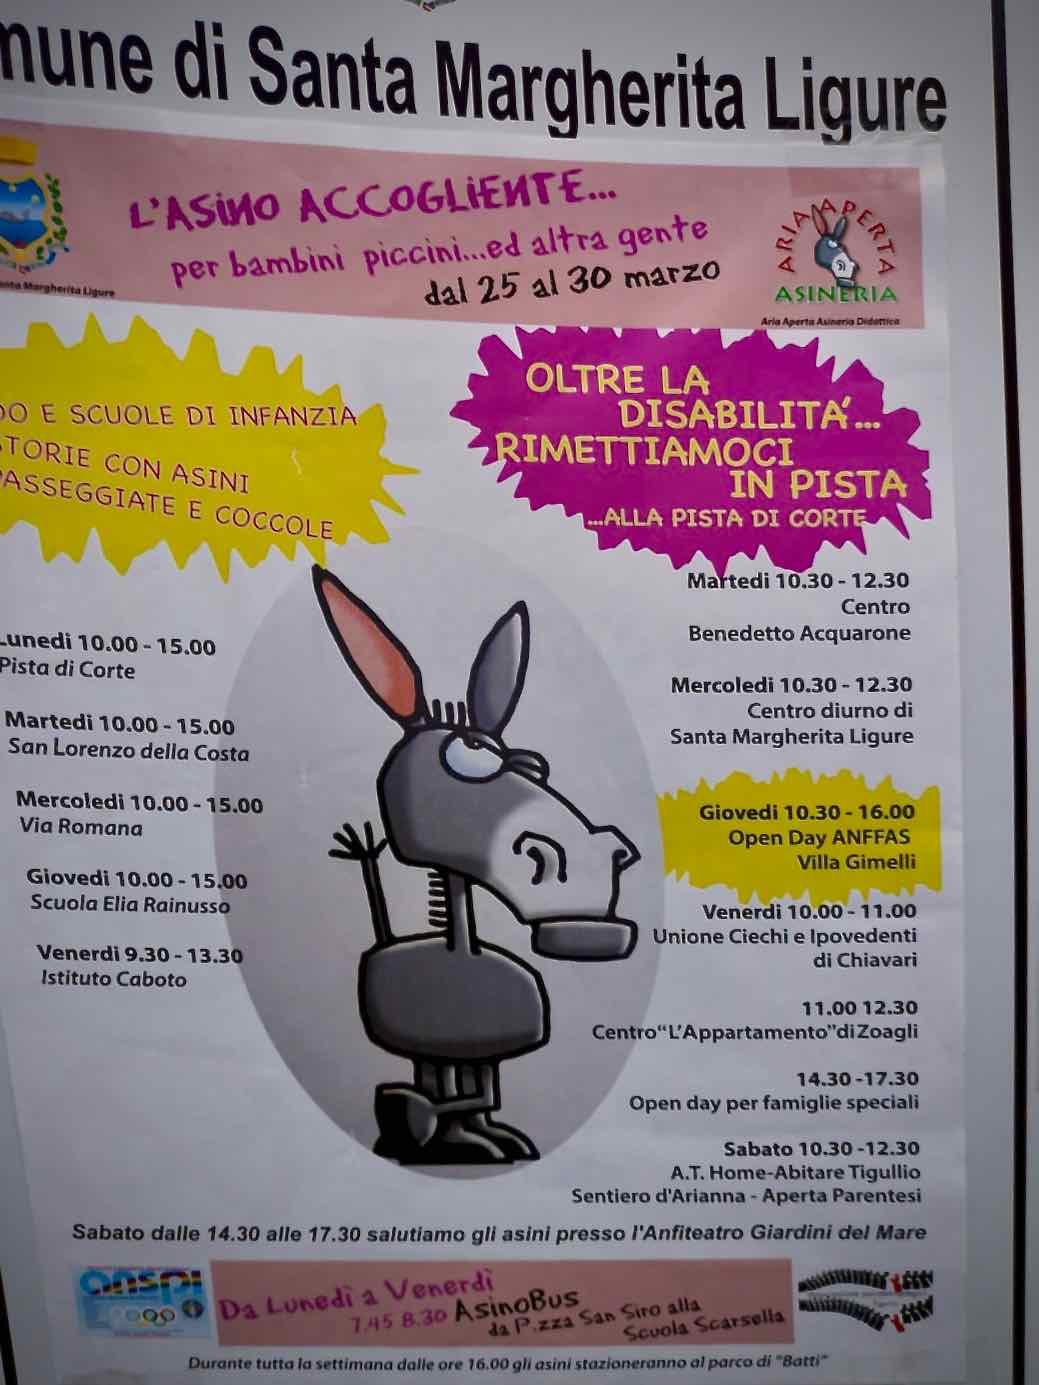 L'Area della Disabilità del Centro Acquarone all'iniziativa L'asino accogliente... per bambini piccini e altra gente di Santa Margherita Ligure - 1